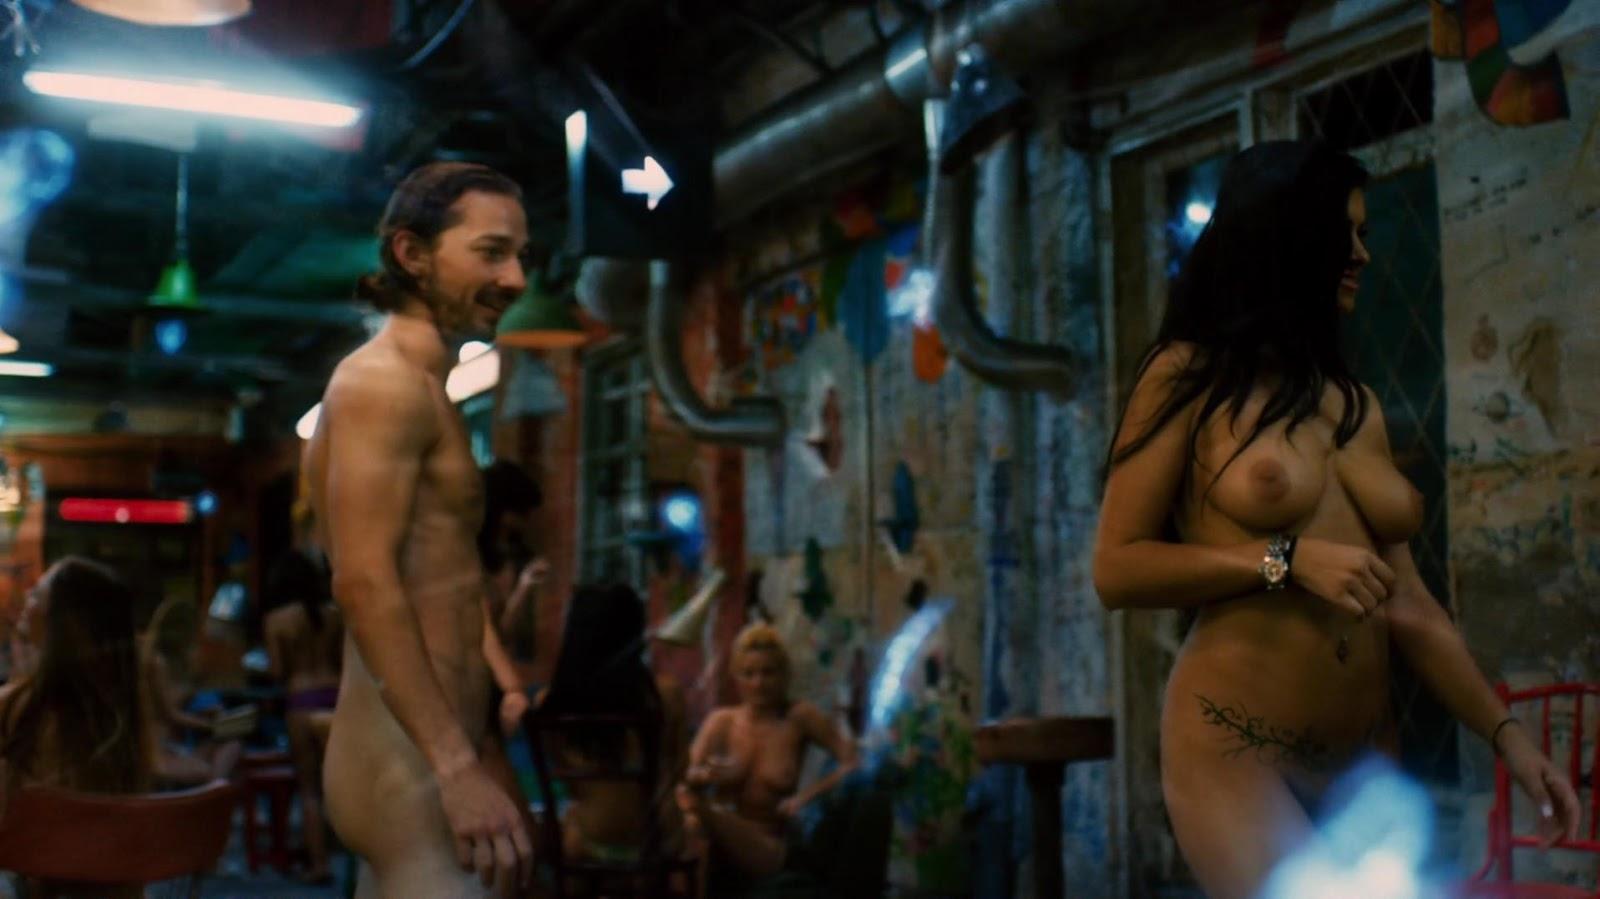 boevik-voennih-eroticheskih-filma